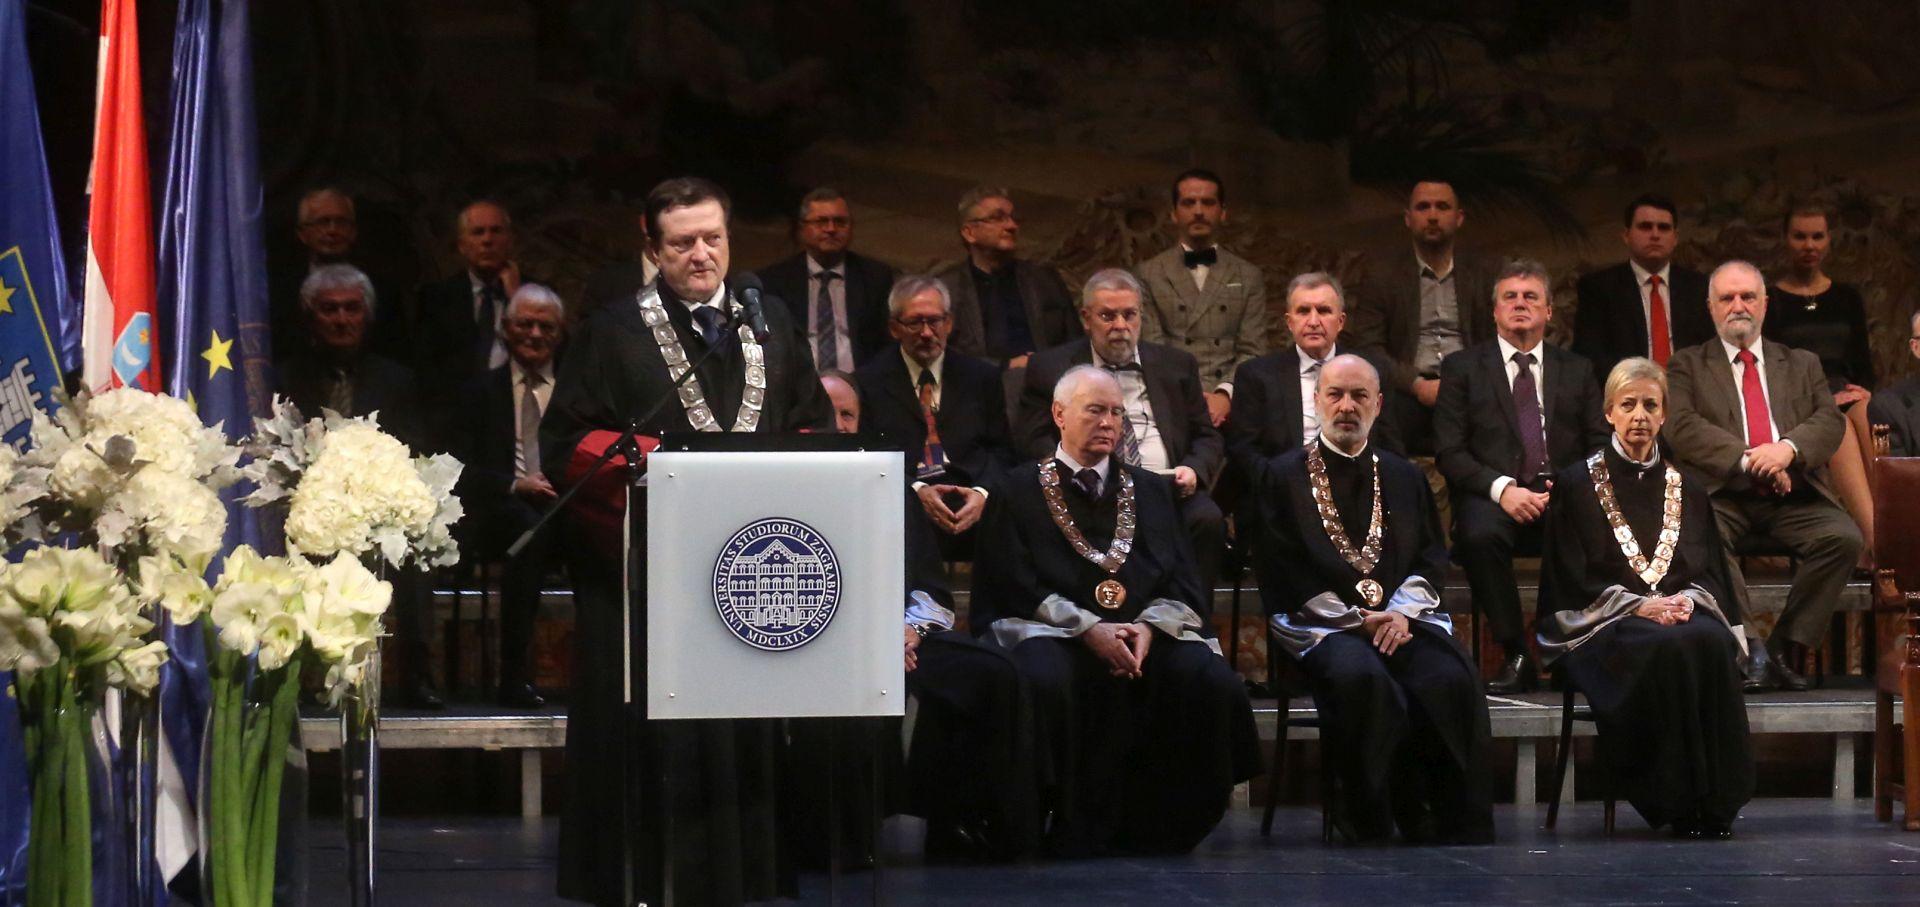 Obilježen Dan zagrebačkoga Sveučilišta